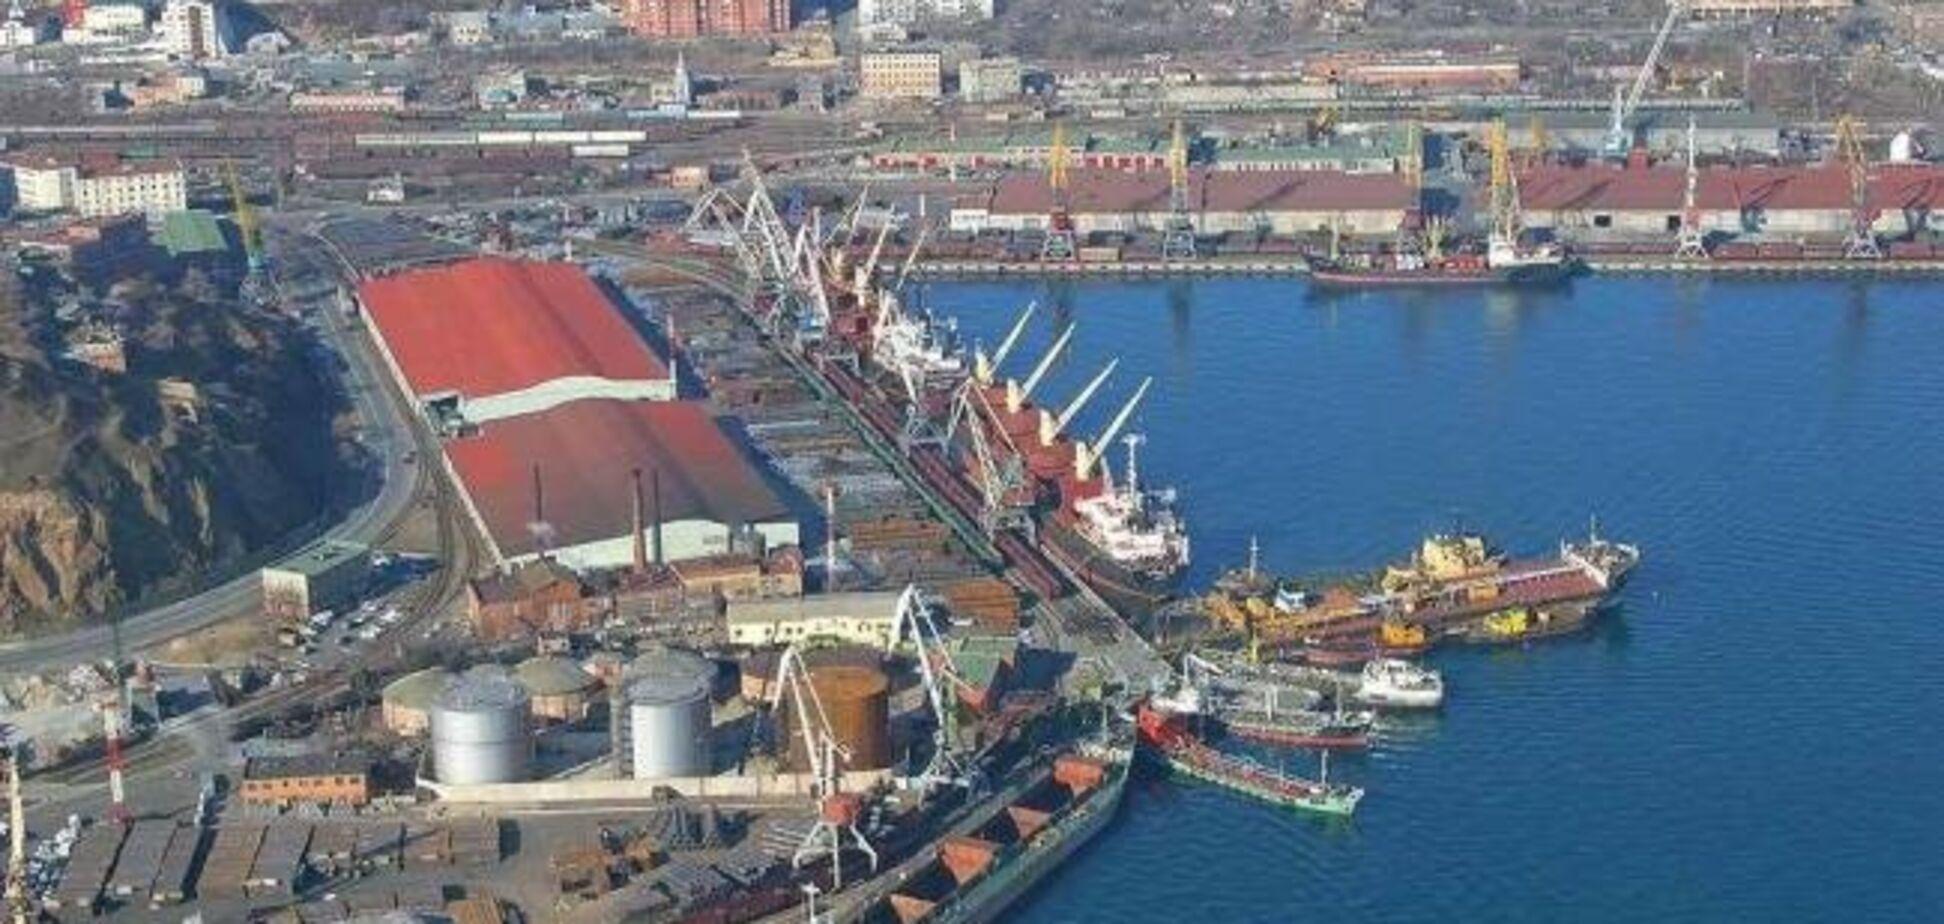 СБУ: частные компании хотели незаконно 'откусить' пять гектаров у порта 'Южный'